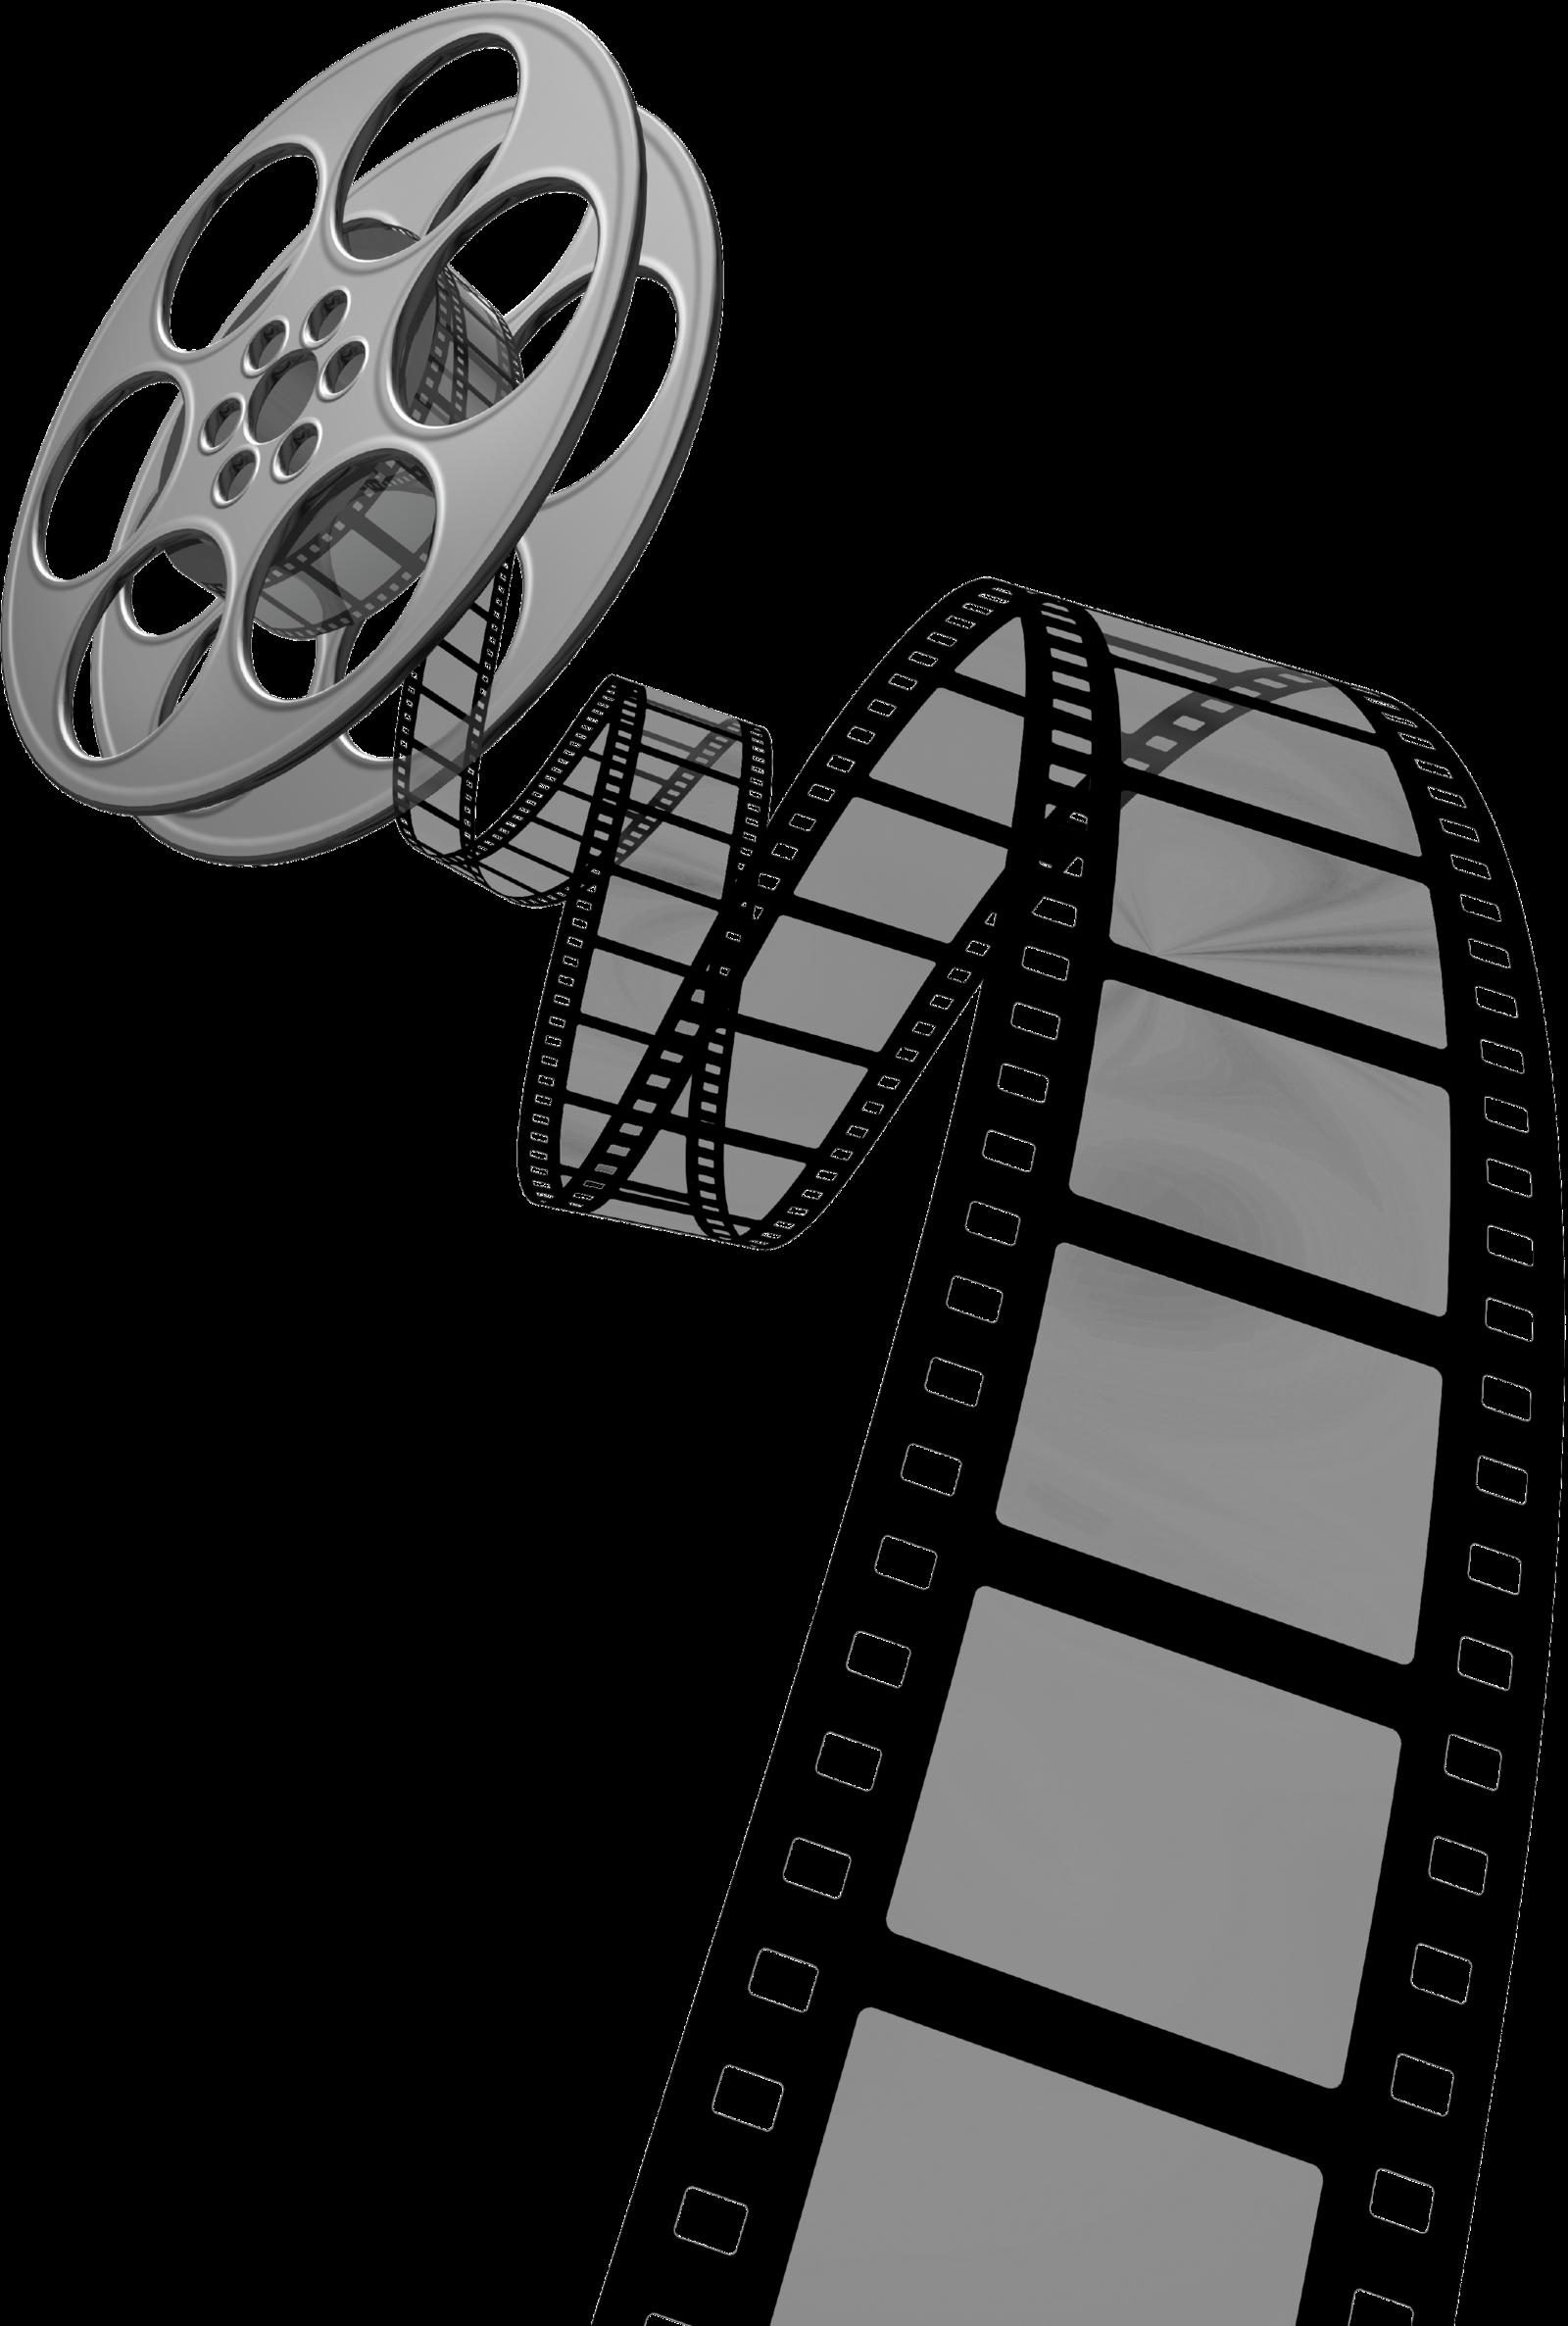 Movie reel film reel clip art image 2